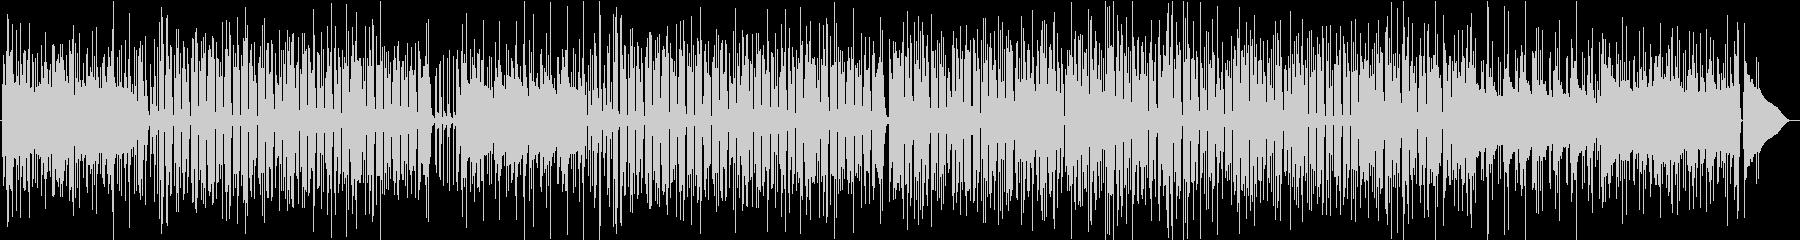 ウクレレとスチールパン/ドラム抜きの未再生の波形